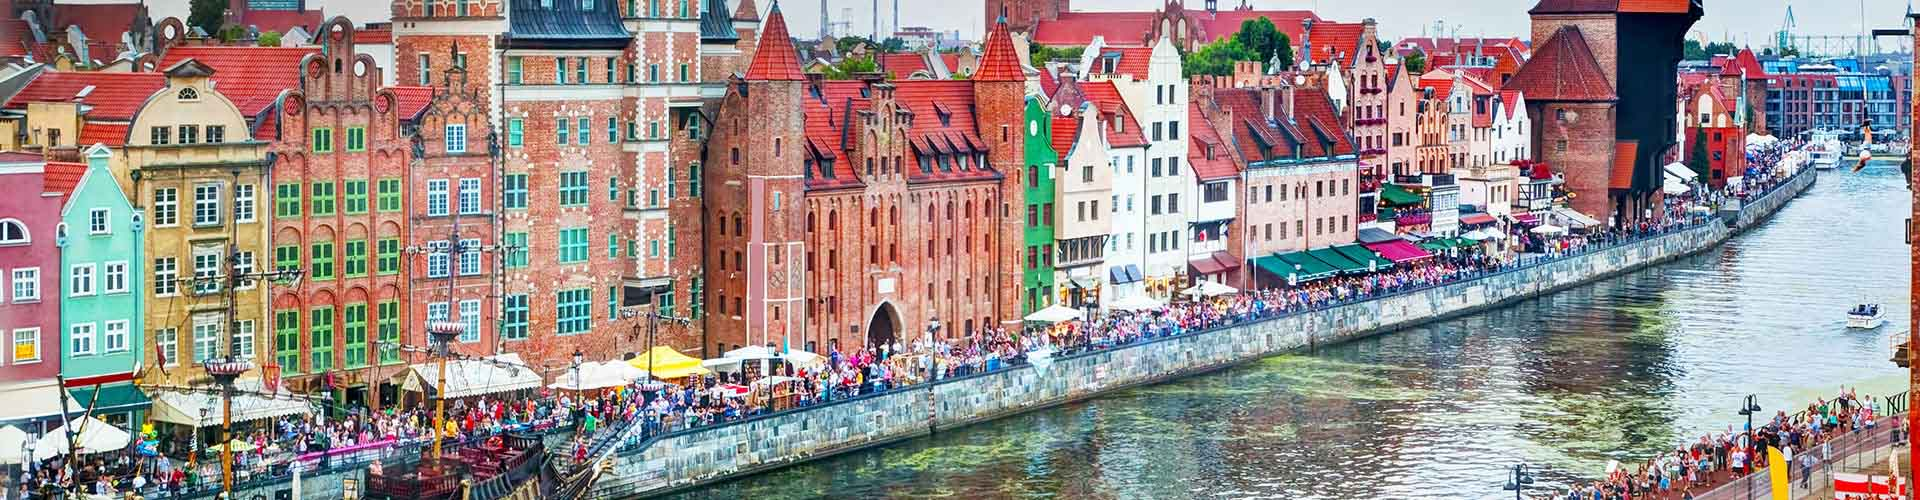 Gdansk - Hostales en Gdansk. Mapas de Gdansk, Fotos y comentarios de cada Hostal en Gdansk.